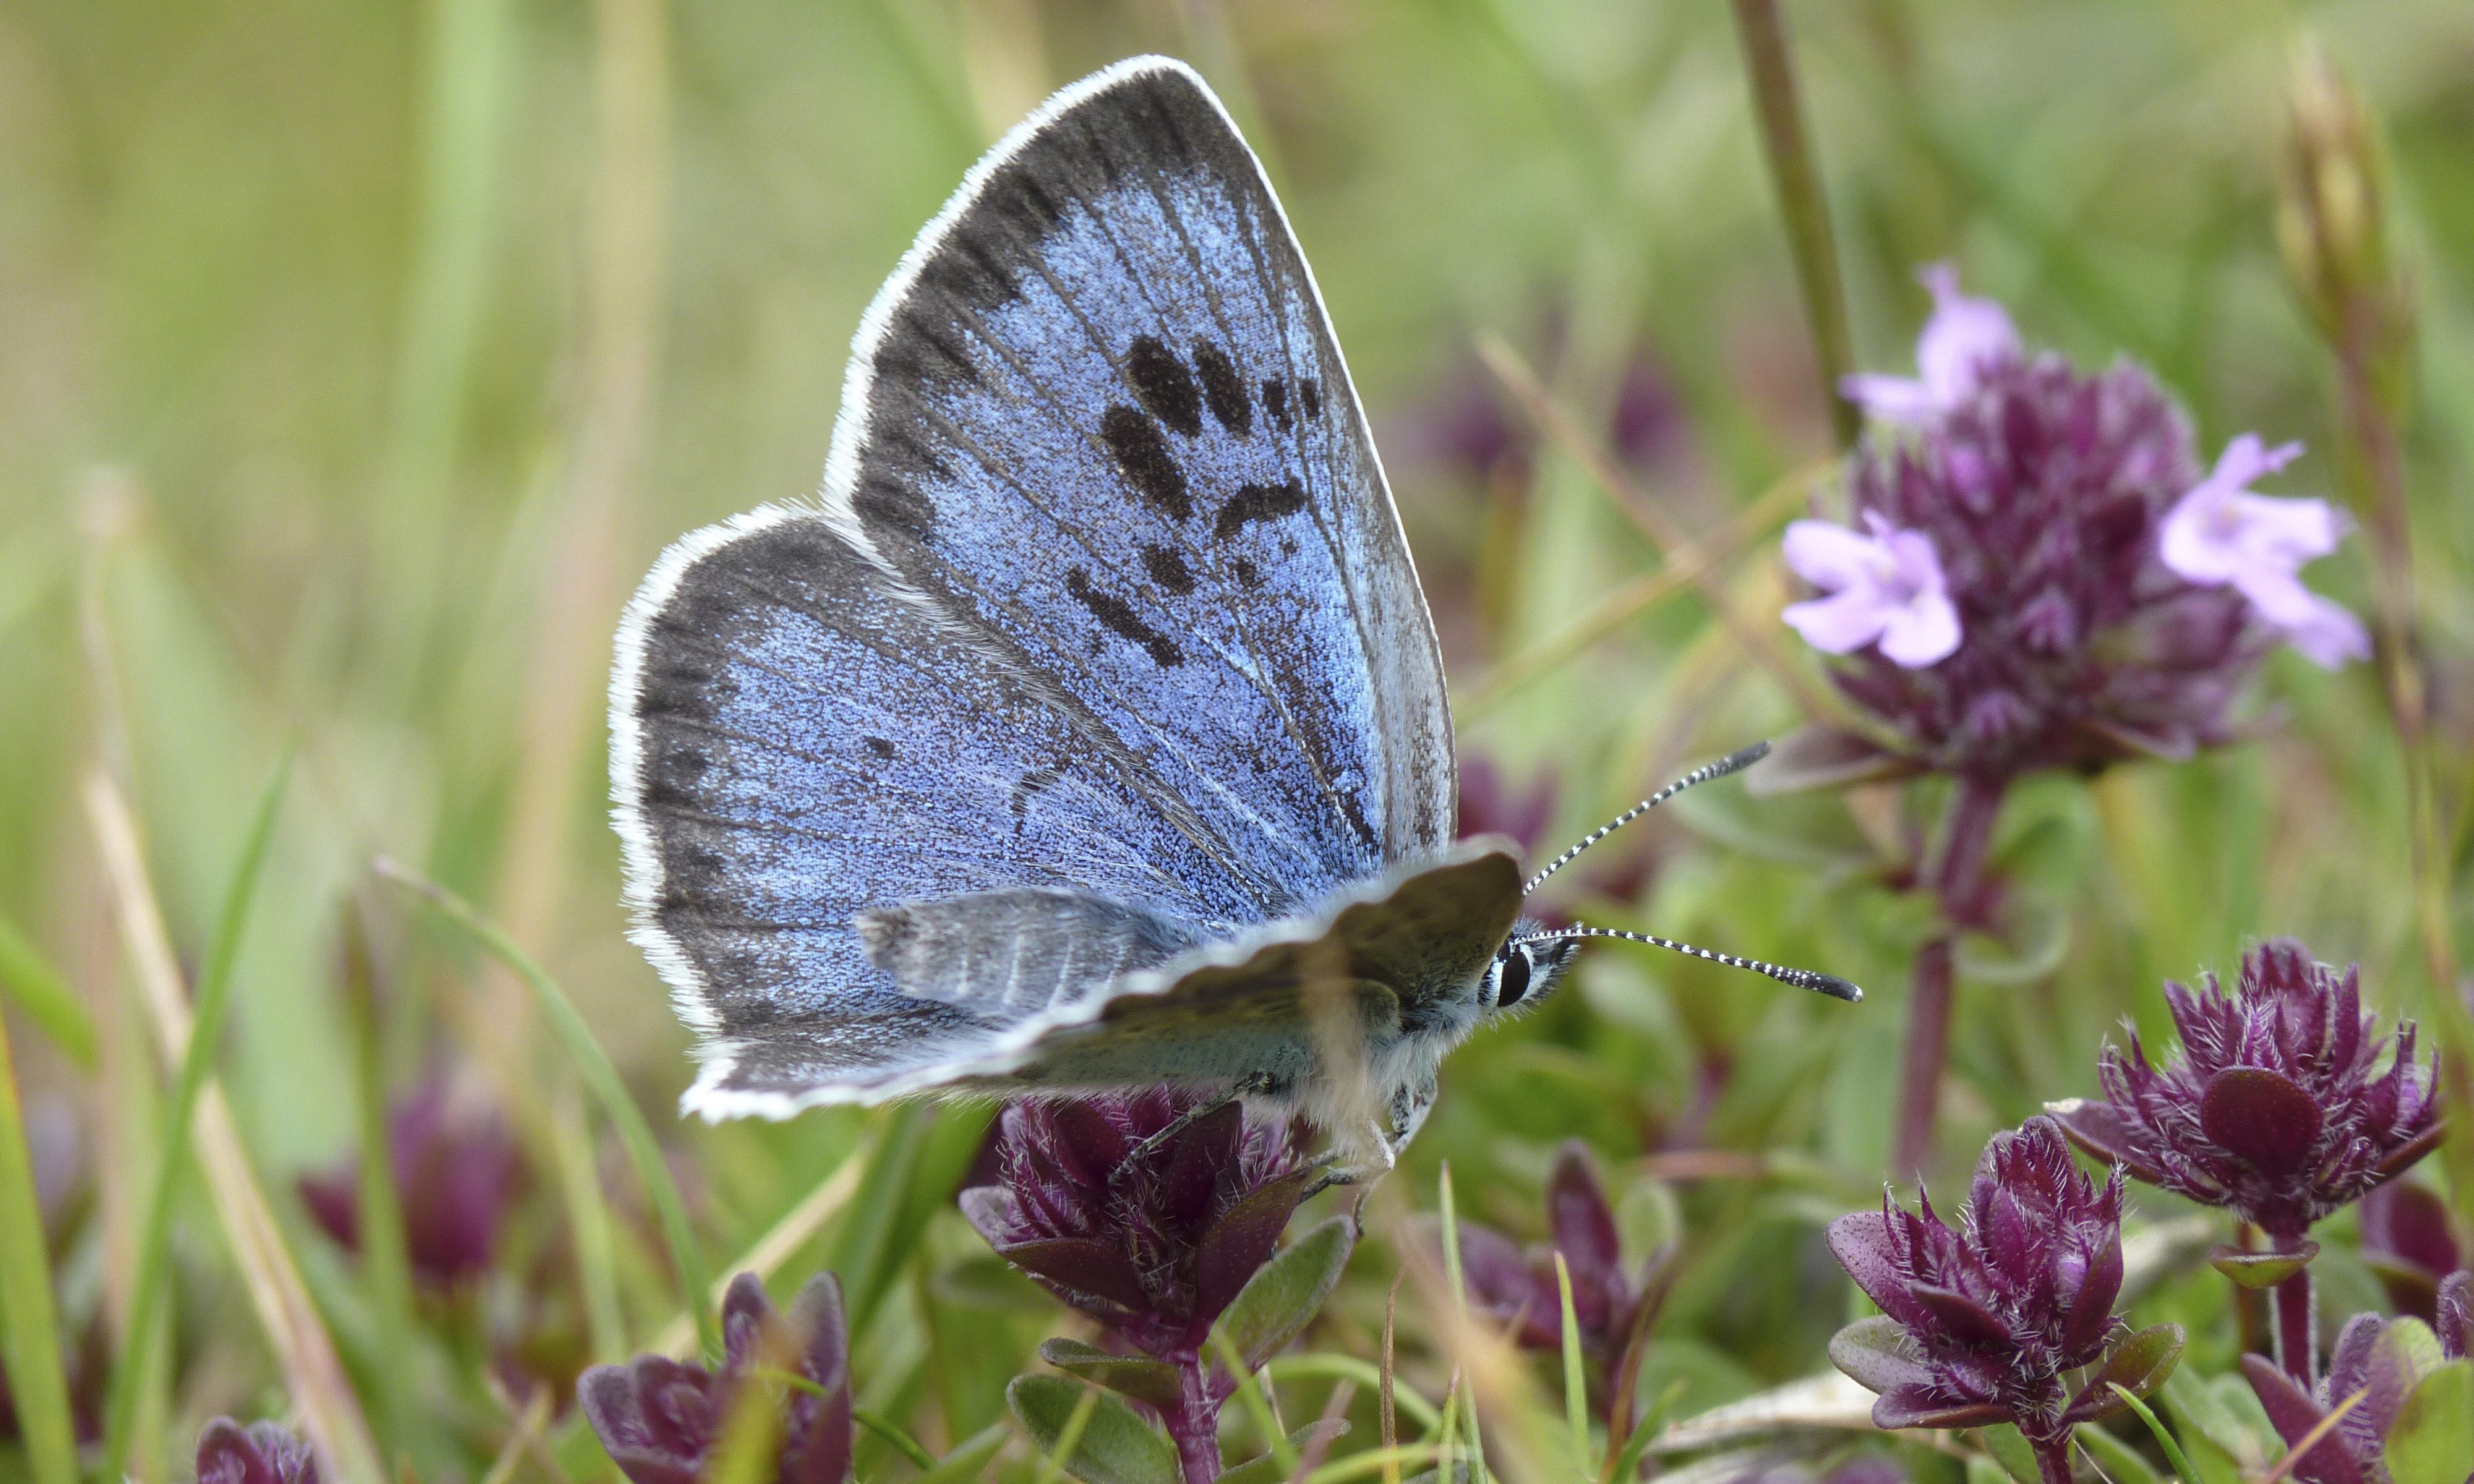 Rare UK butterflies enjoy best year since monitoring began